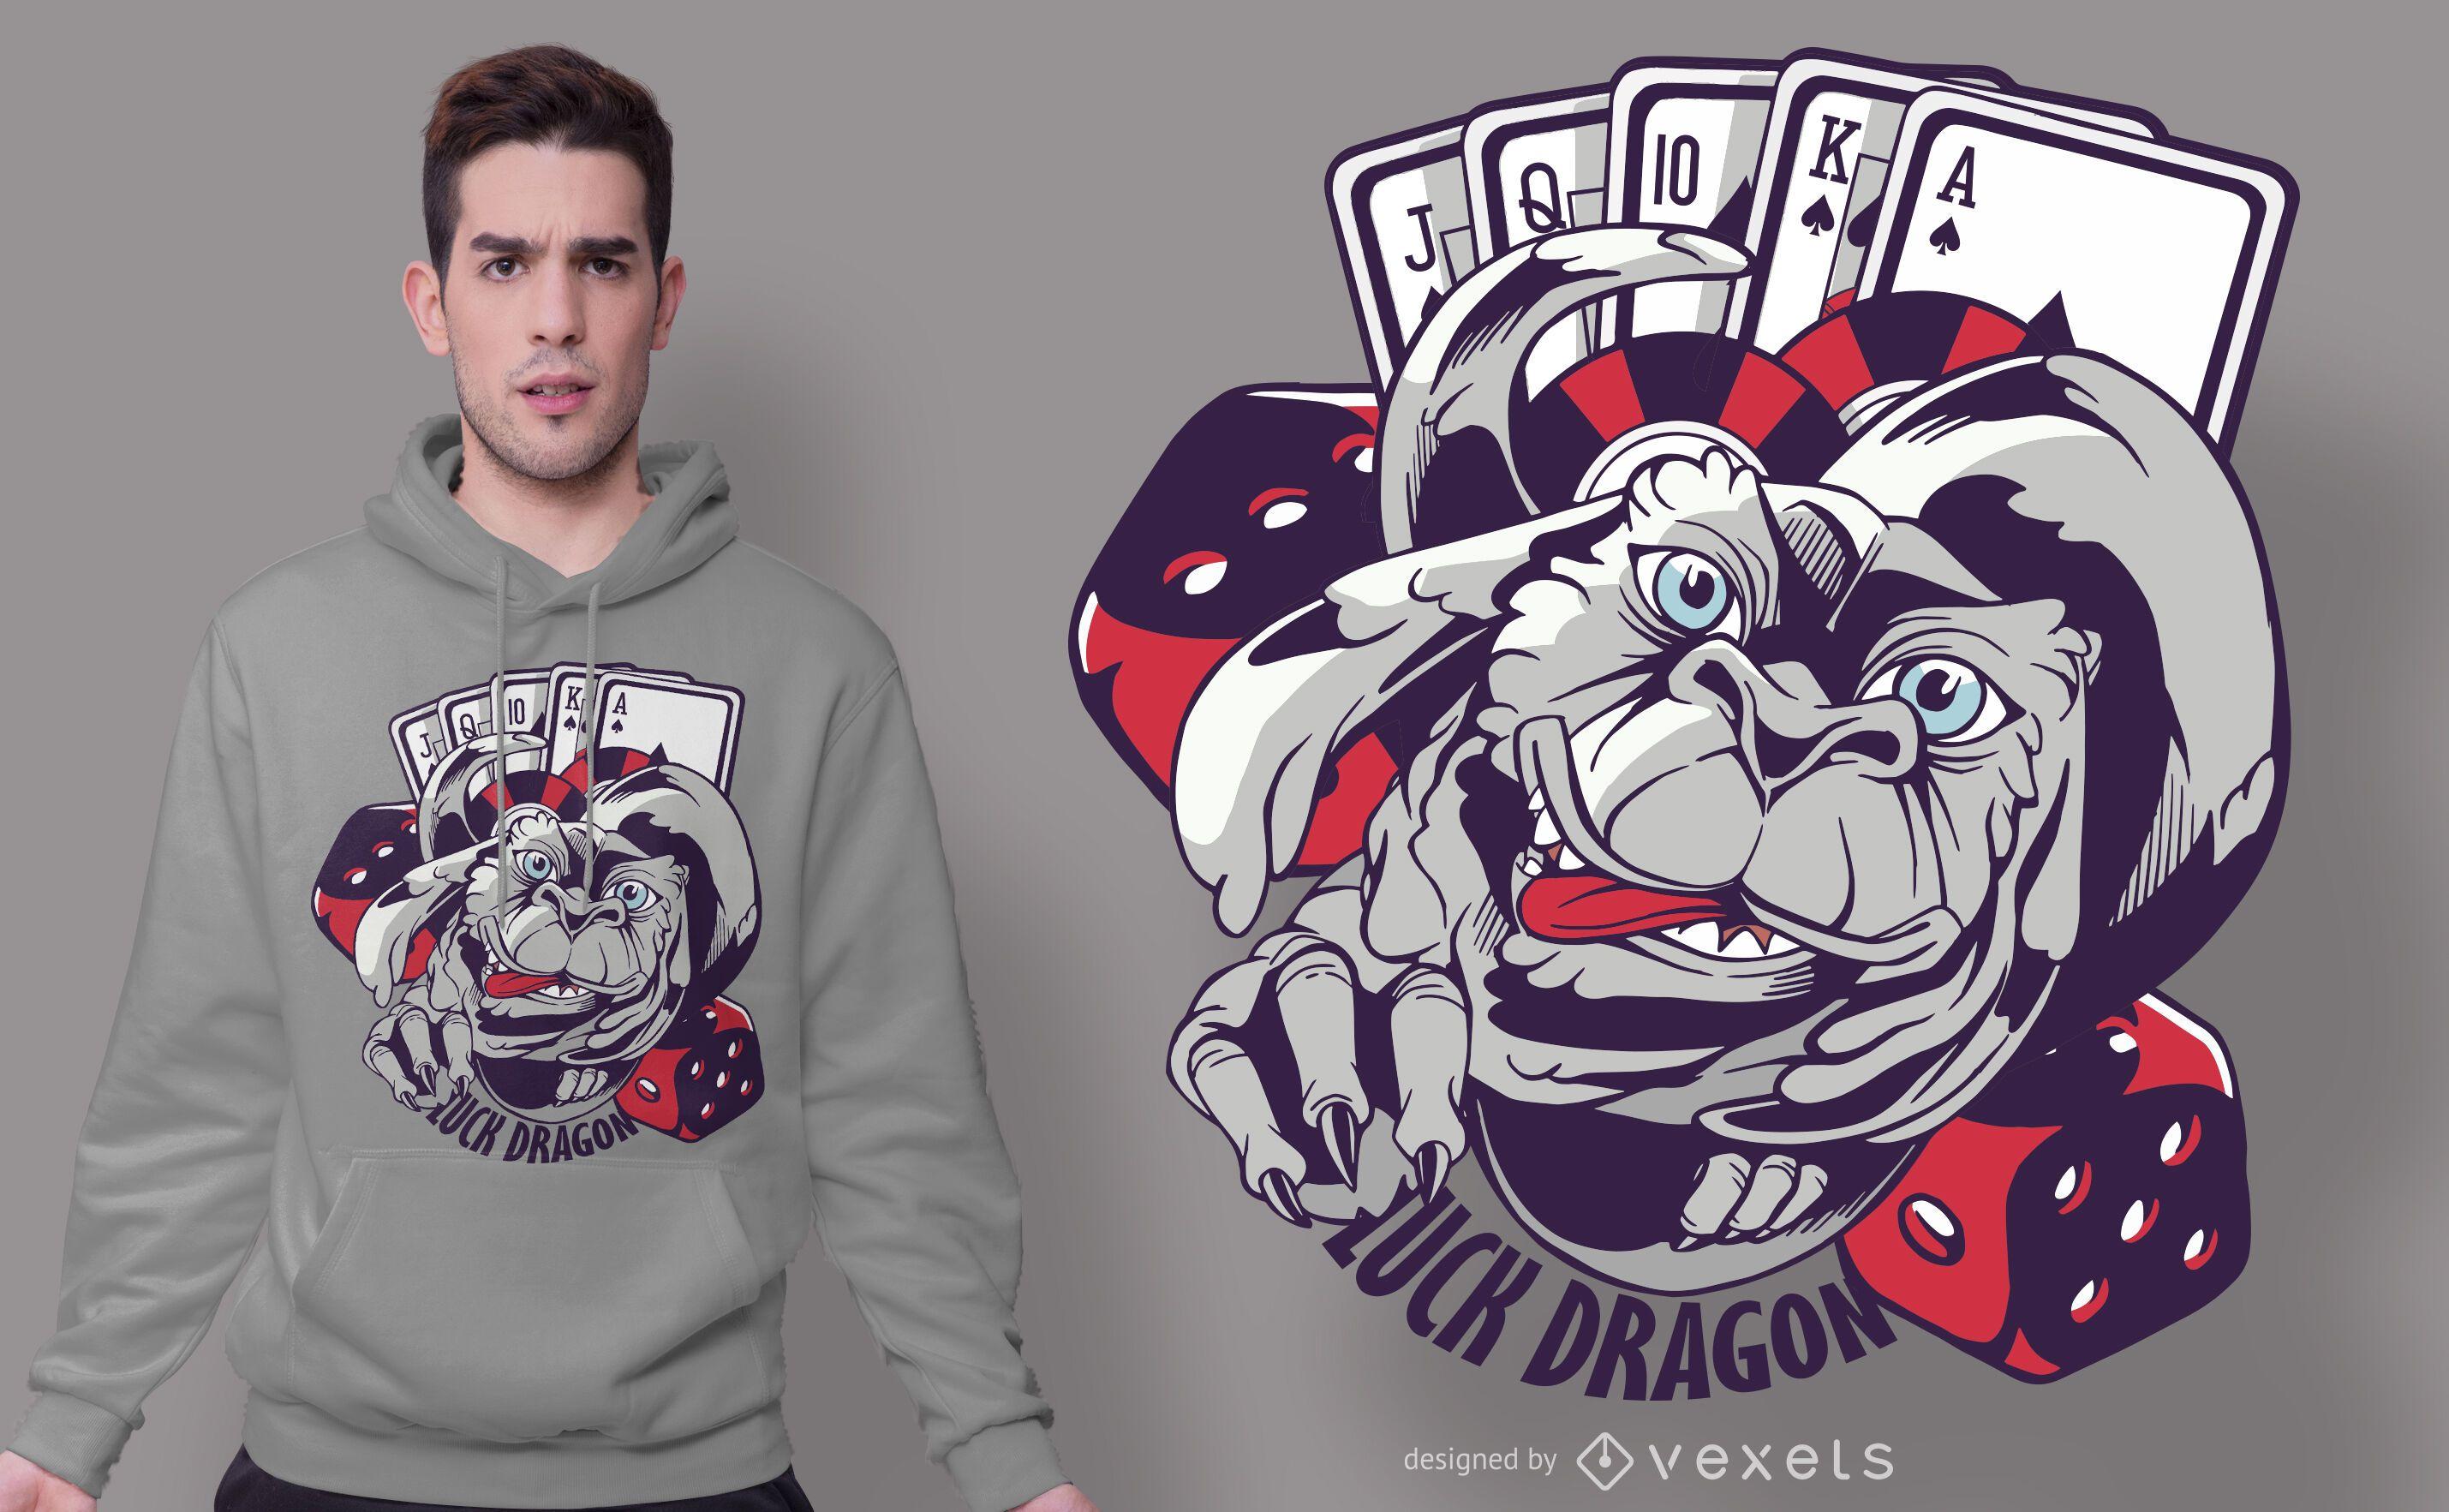 Dise?o de camiseta Casino Luck Dragon